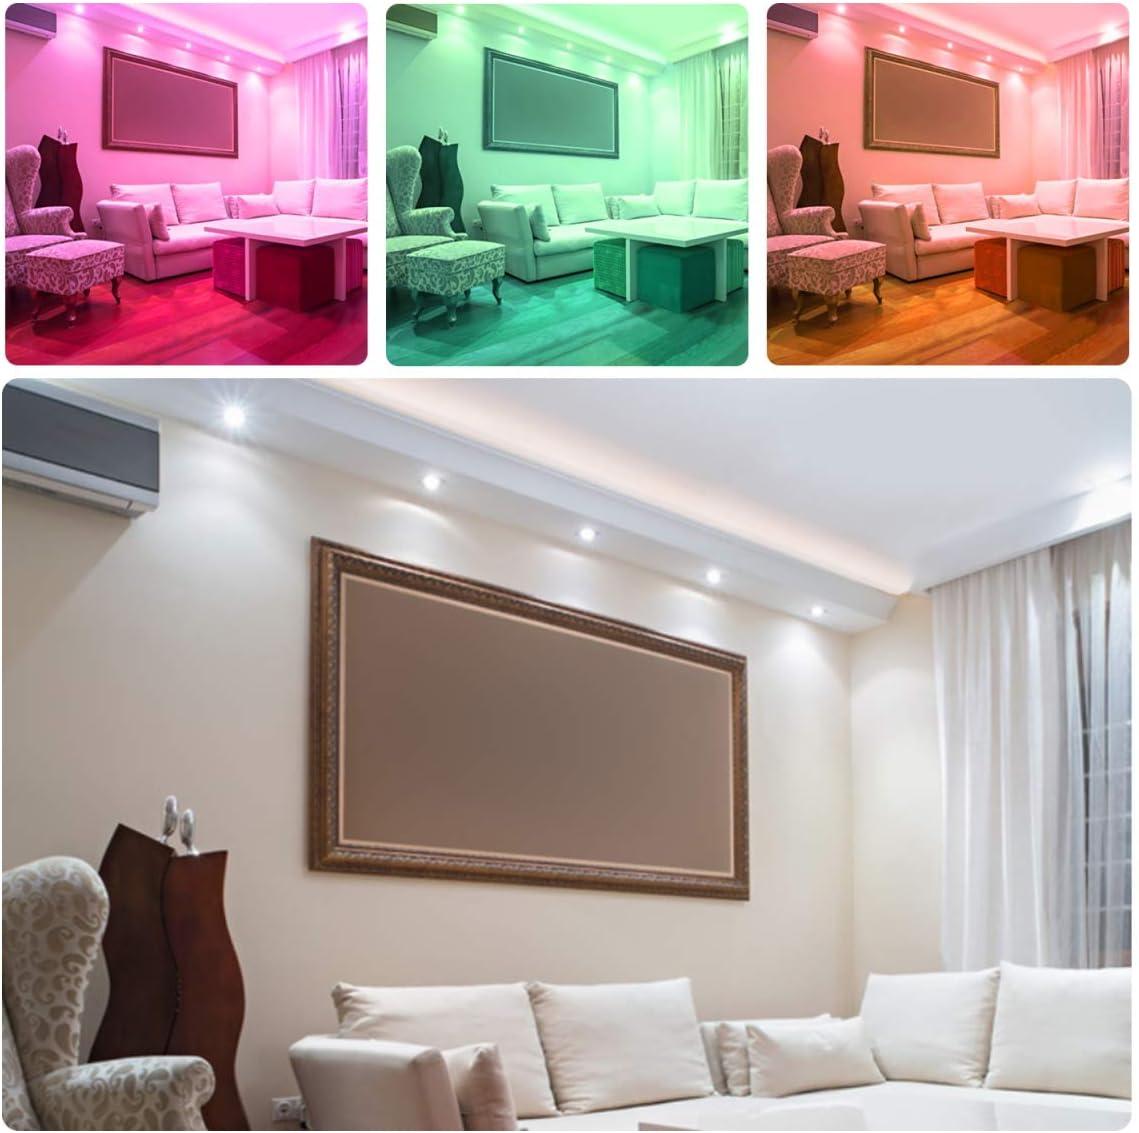 LED RGB Einbaustrahler 6 x 5W Leuchtmittel Warmweiß 2700K Deckenstrahler Deckenspots Deckenleuchte Einbauspots Deckeneinbauleuchte Deckeneinbaustrahler Cold White